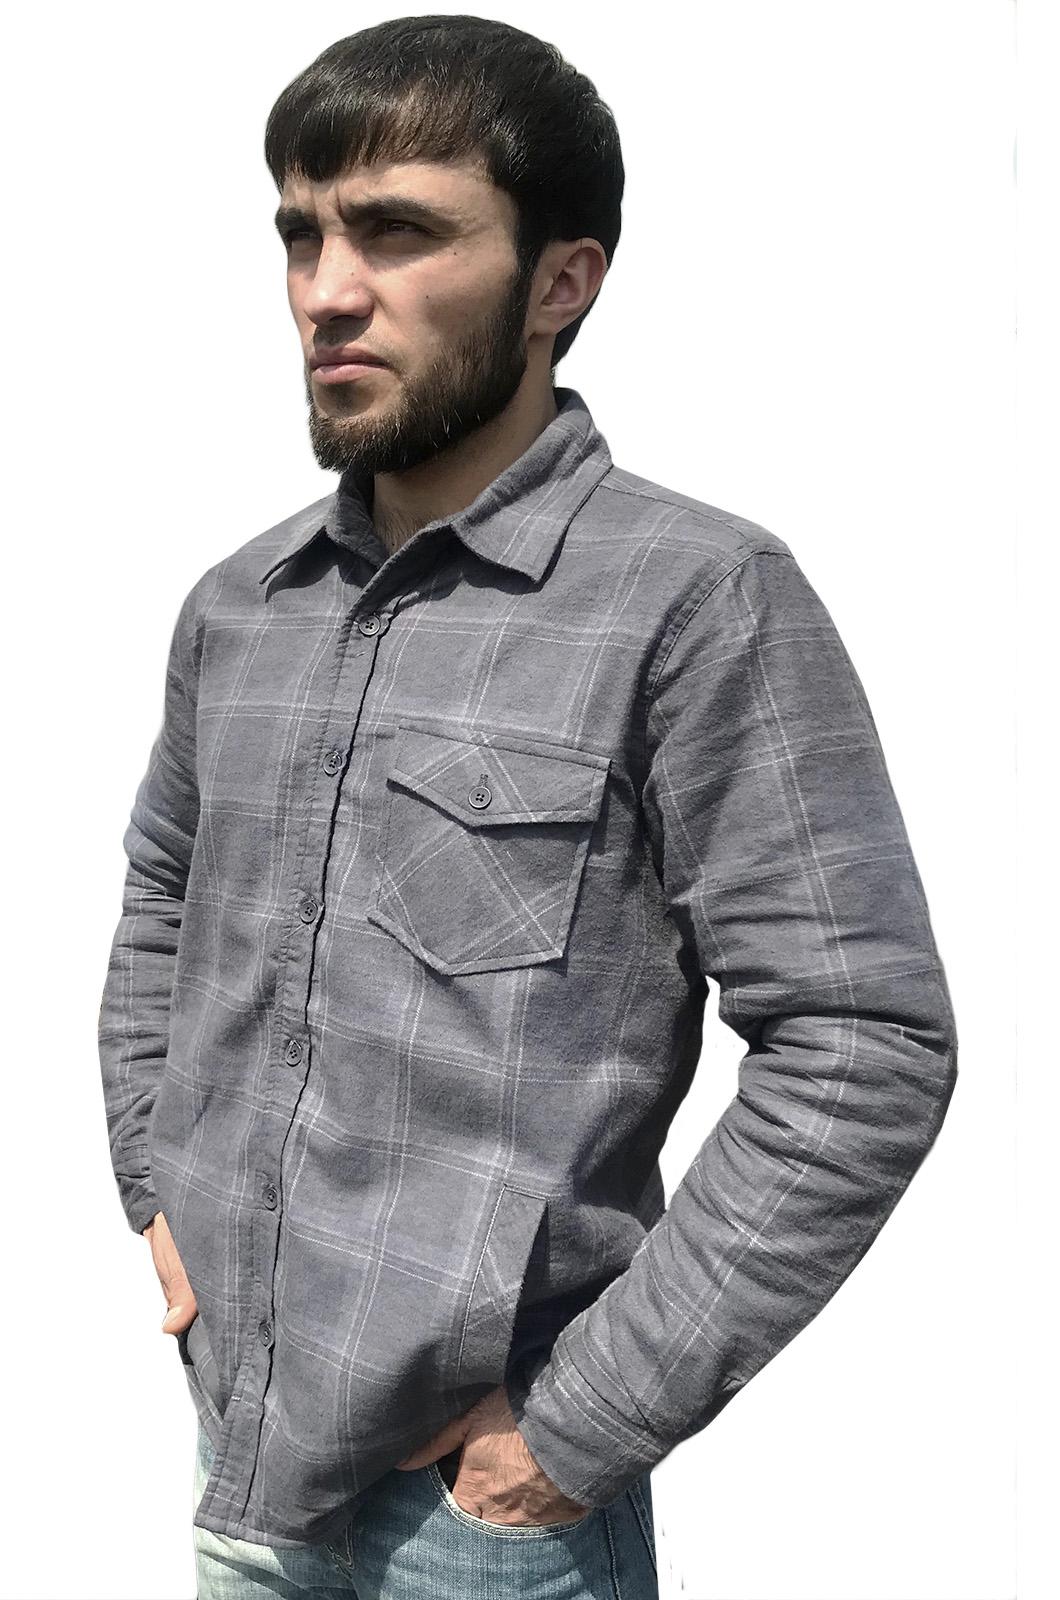 Крутая рубашка с вышитым полевым шевроном Новороссия - купить оптом